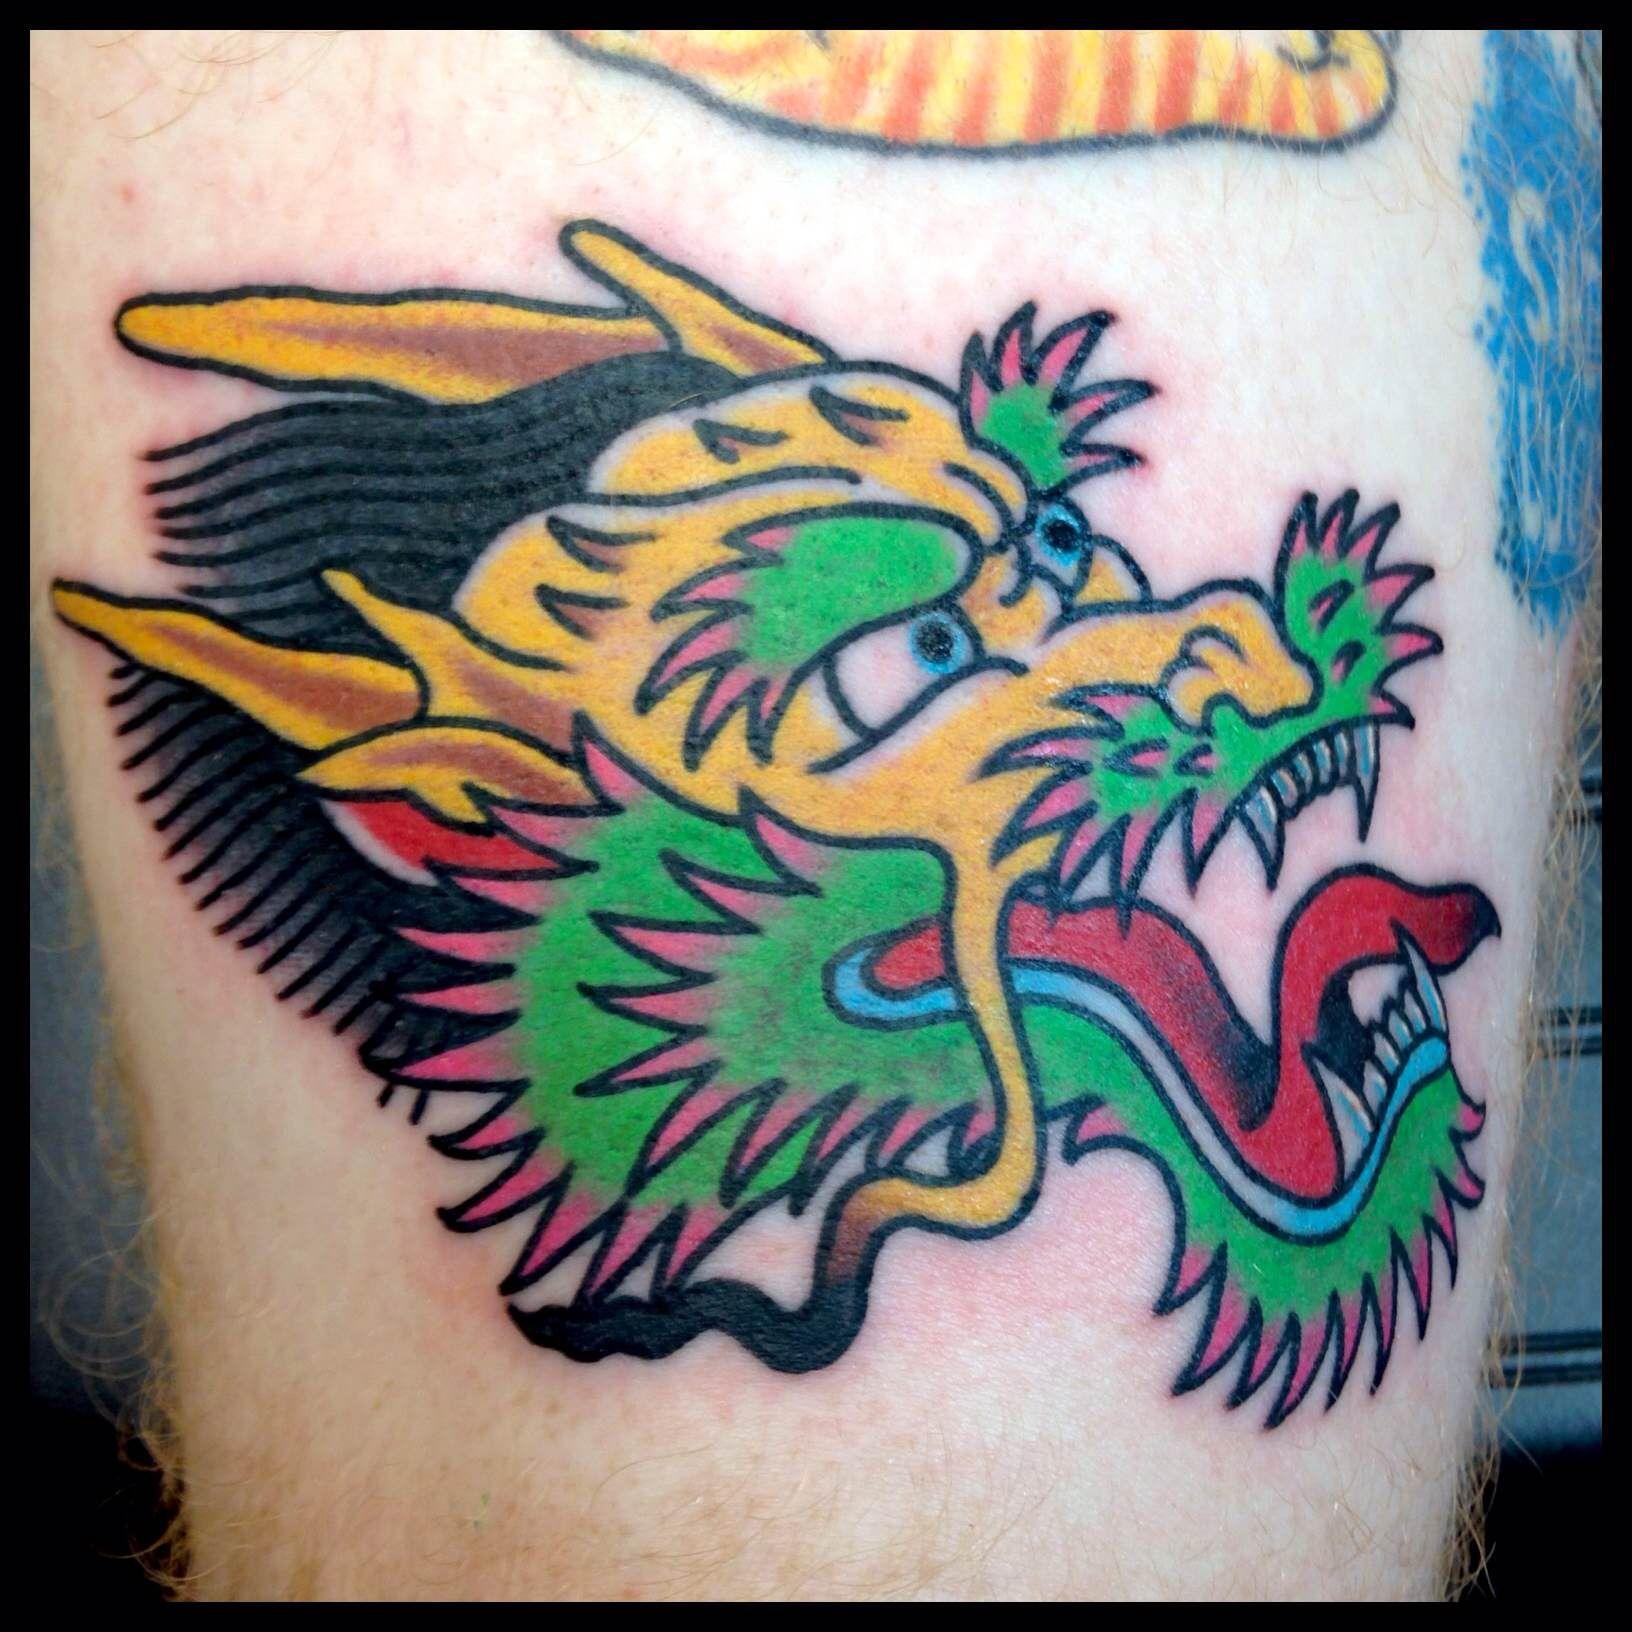 dragon head tattoo tattoo idears pinterest dragon head